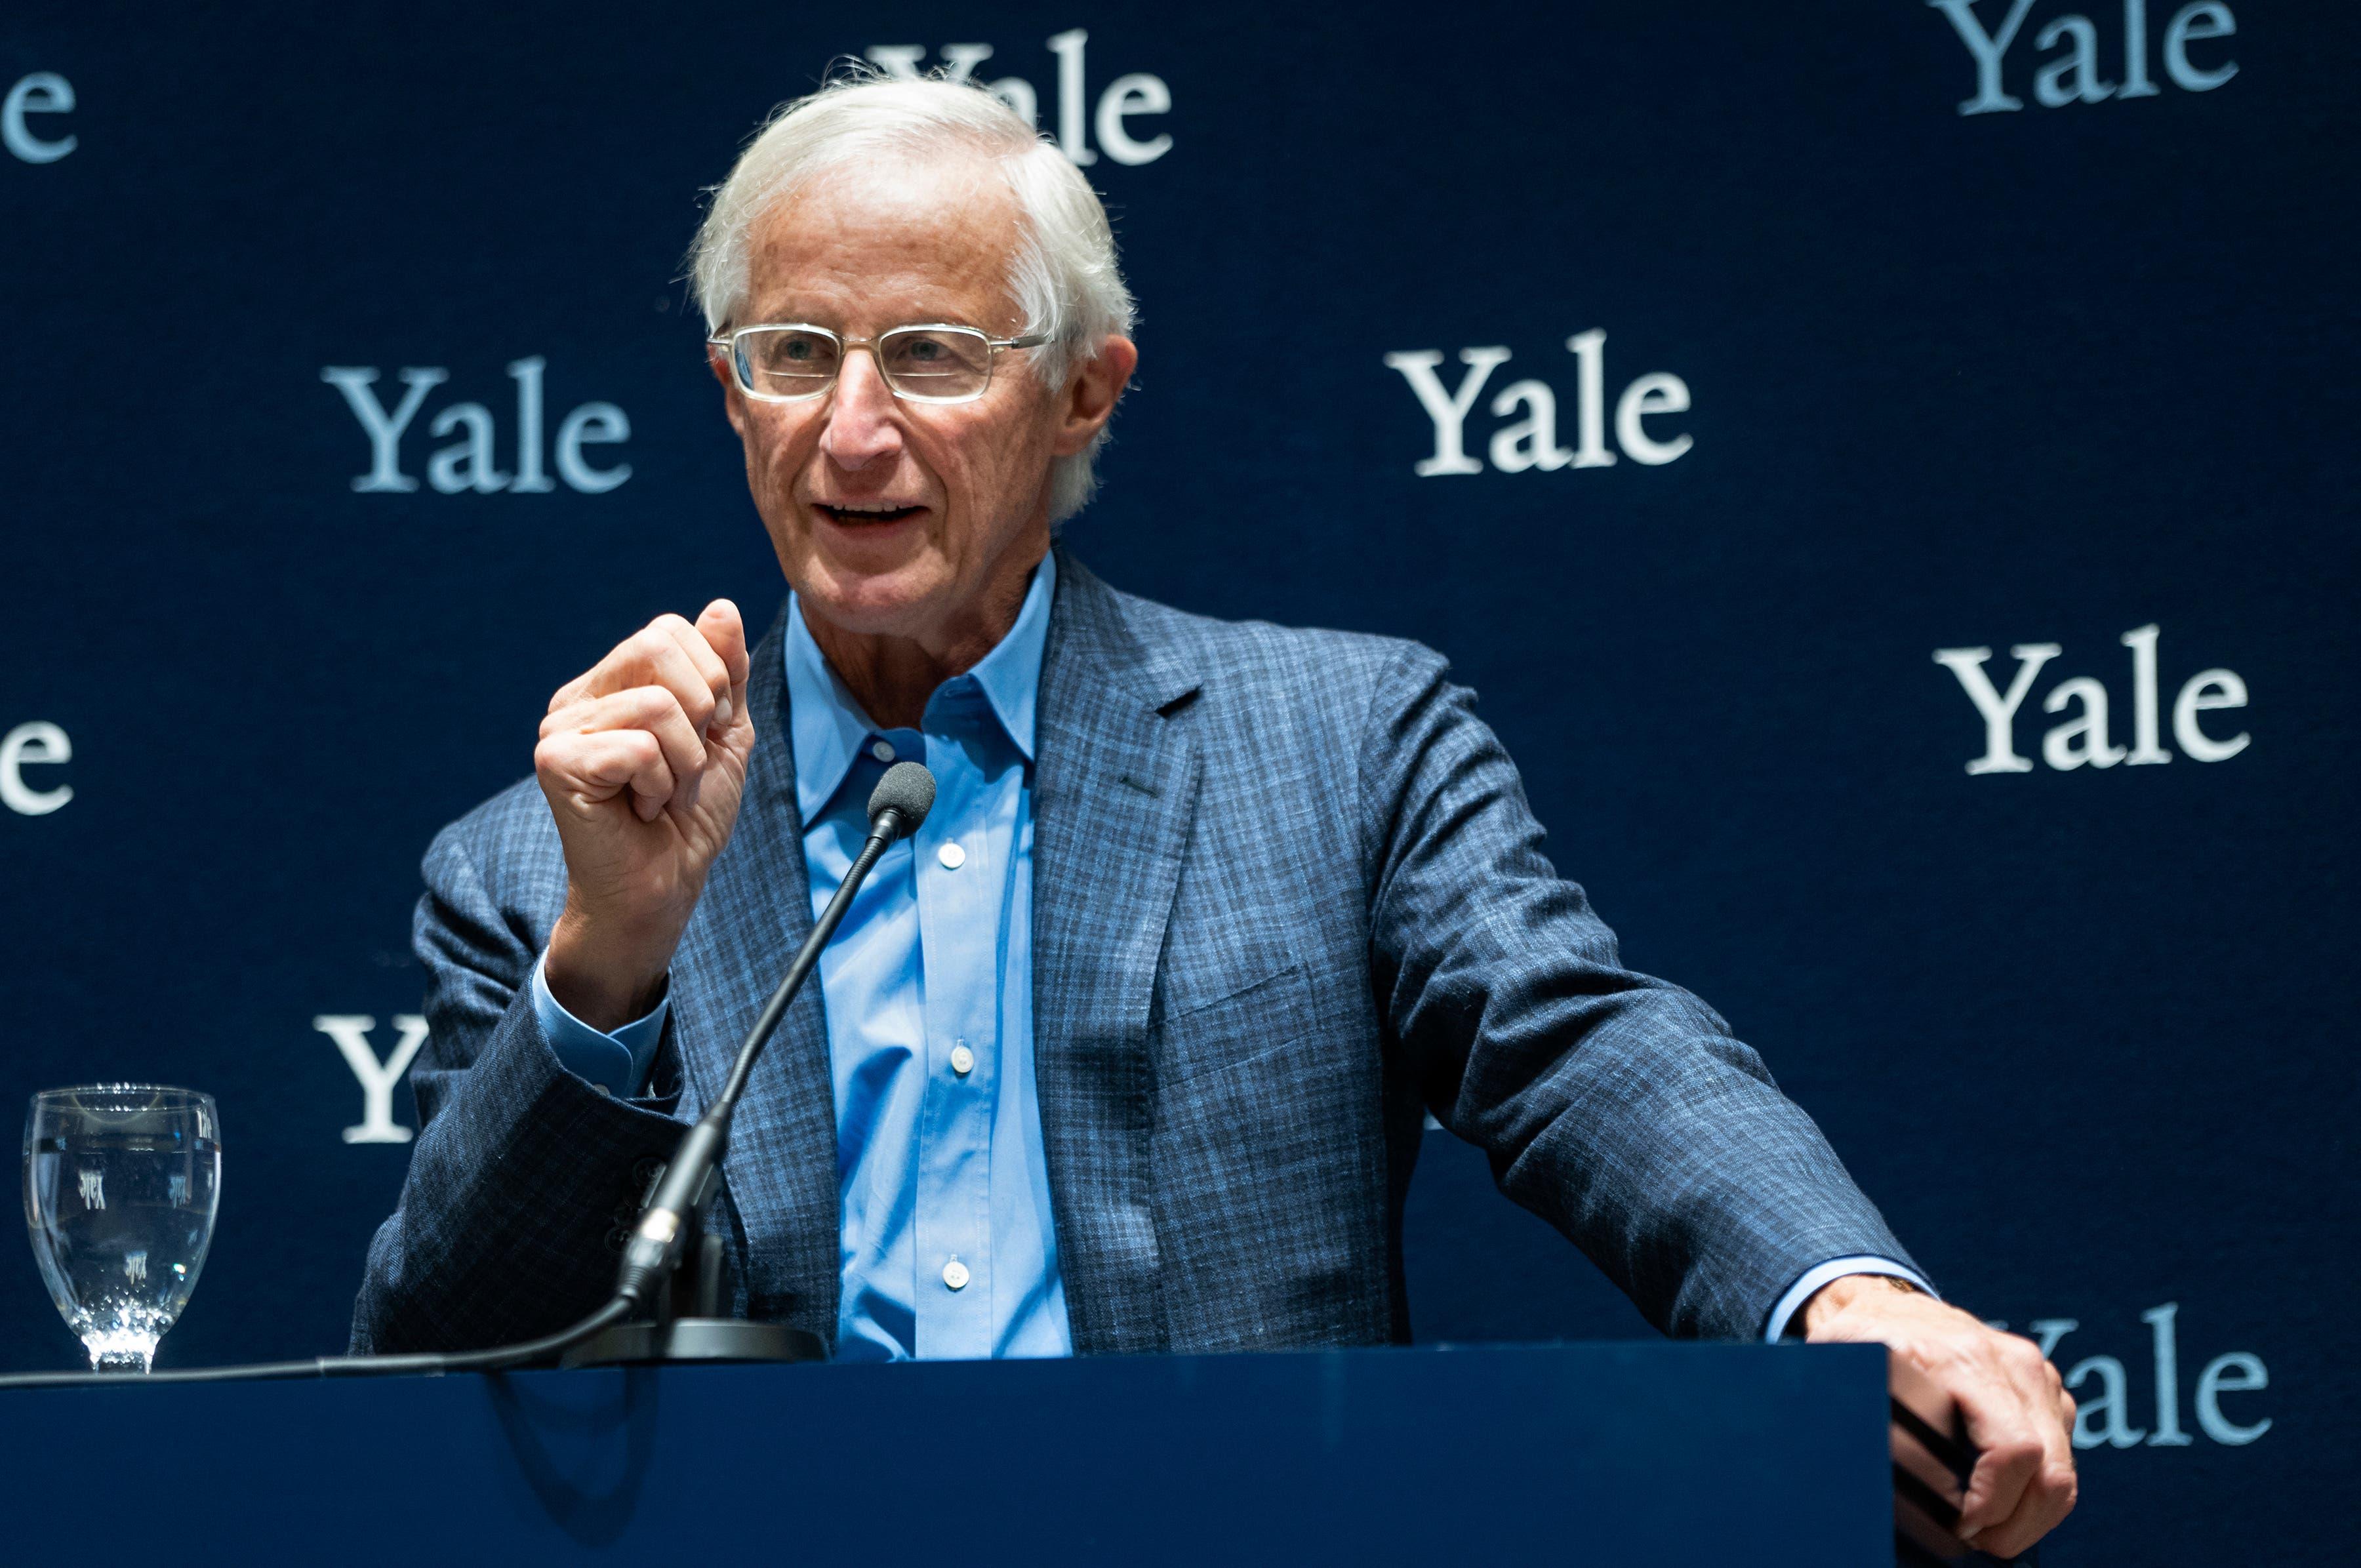 Professor der Yale-Universität William Nordhaus erhielt zusammen mit Paul Romer den Nobelpreis für Wirtschaft. (Bild: AP Photo/Craig Ruttle)